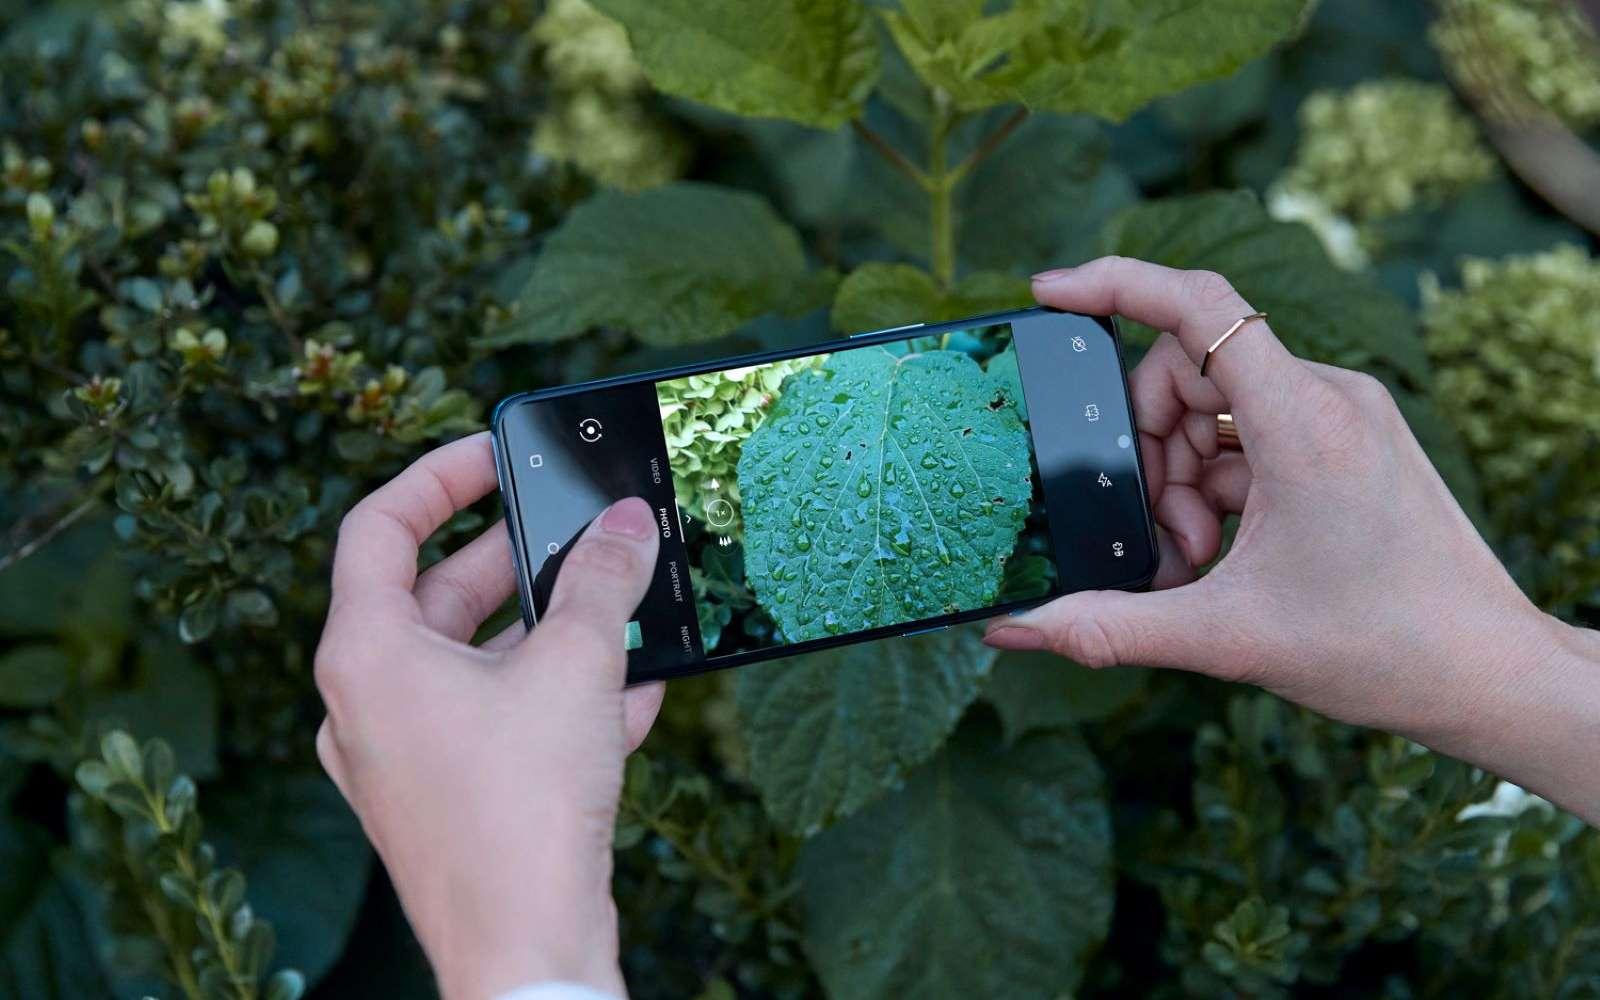 Le OnePlus 7T fait partie des smartphones qui intègrent cette intelligence artificielle. © OnePlus